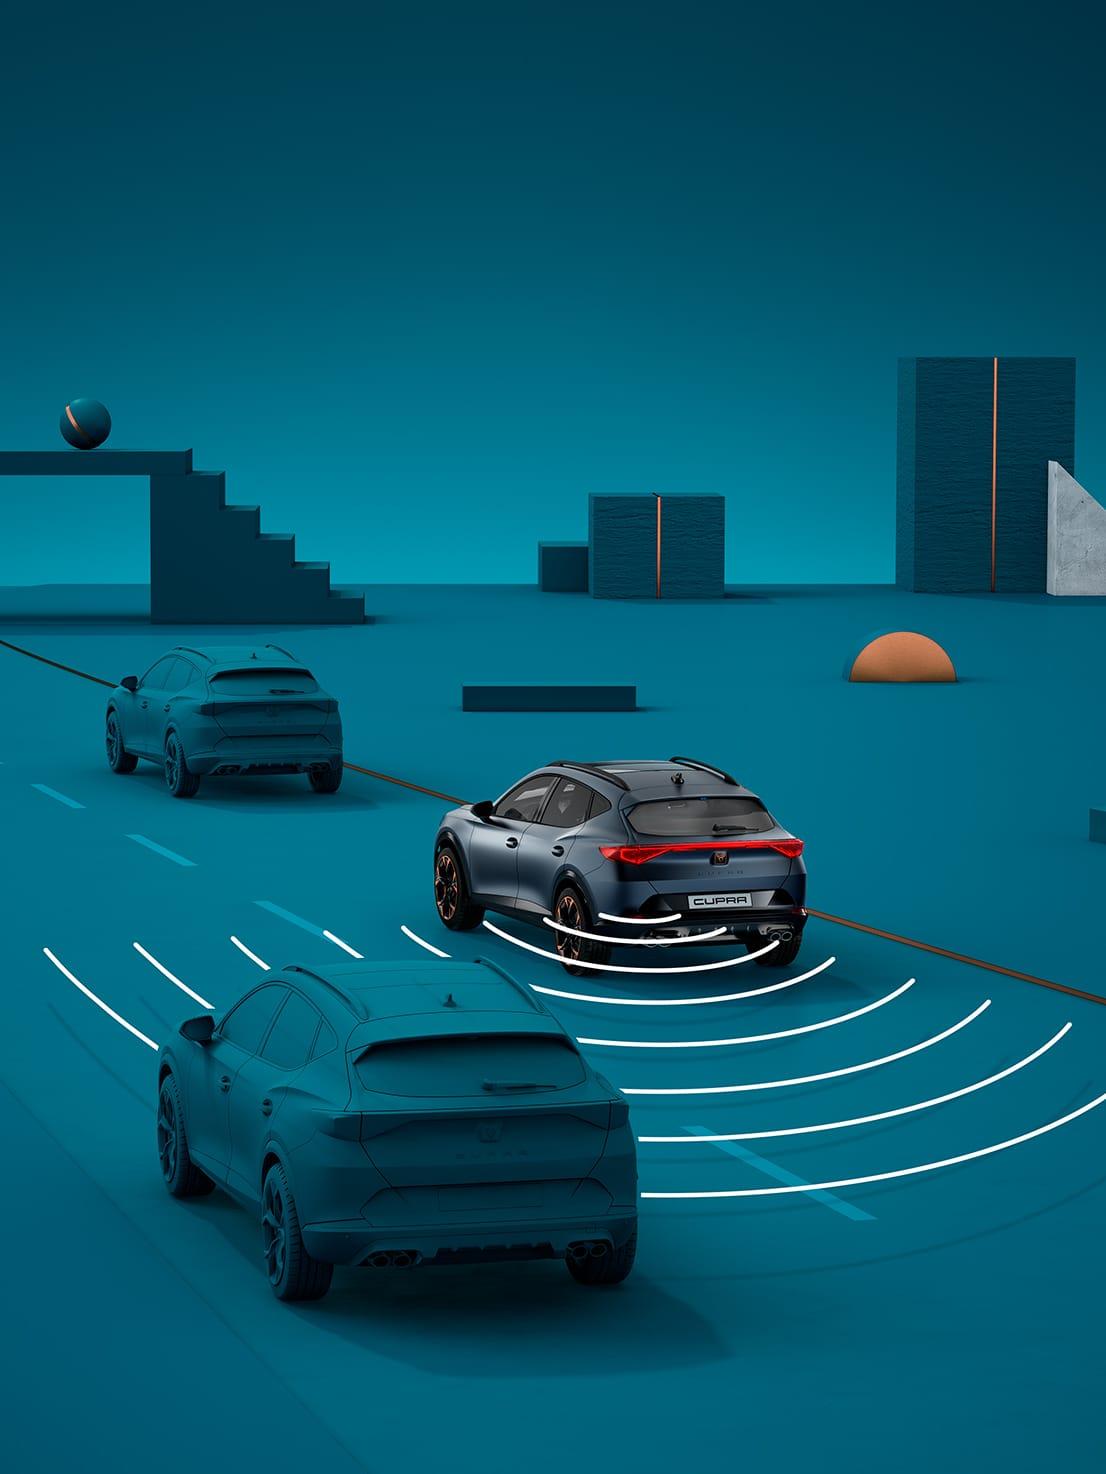 nouvelle CUPRA Leon 5 portes ehybrid voiture de sport compacte fonctions de sécurité exit assist